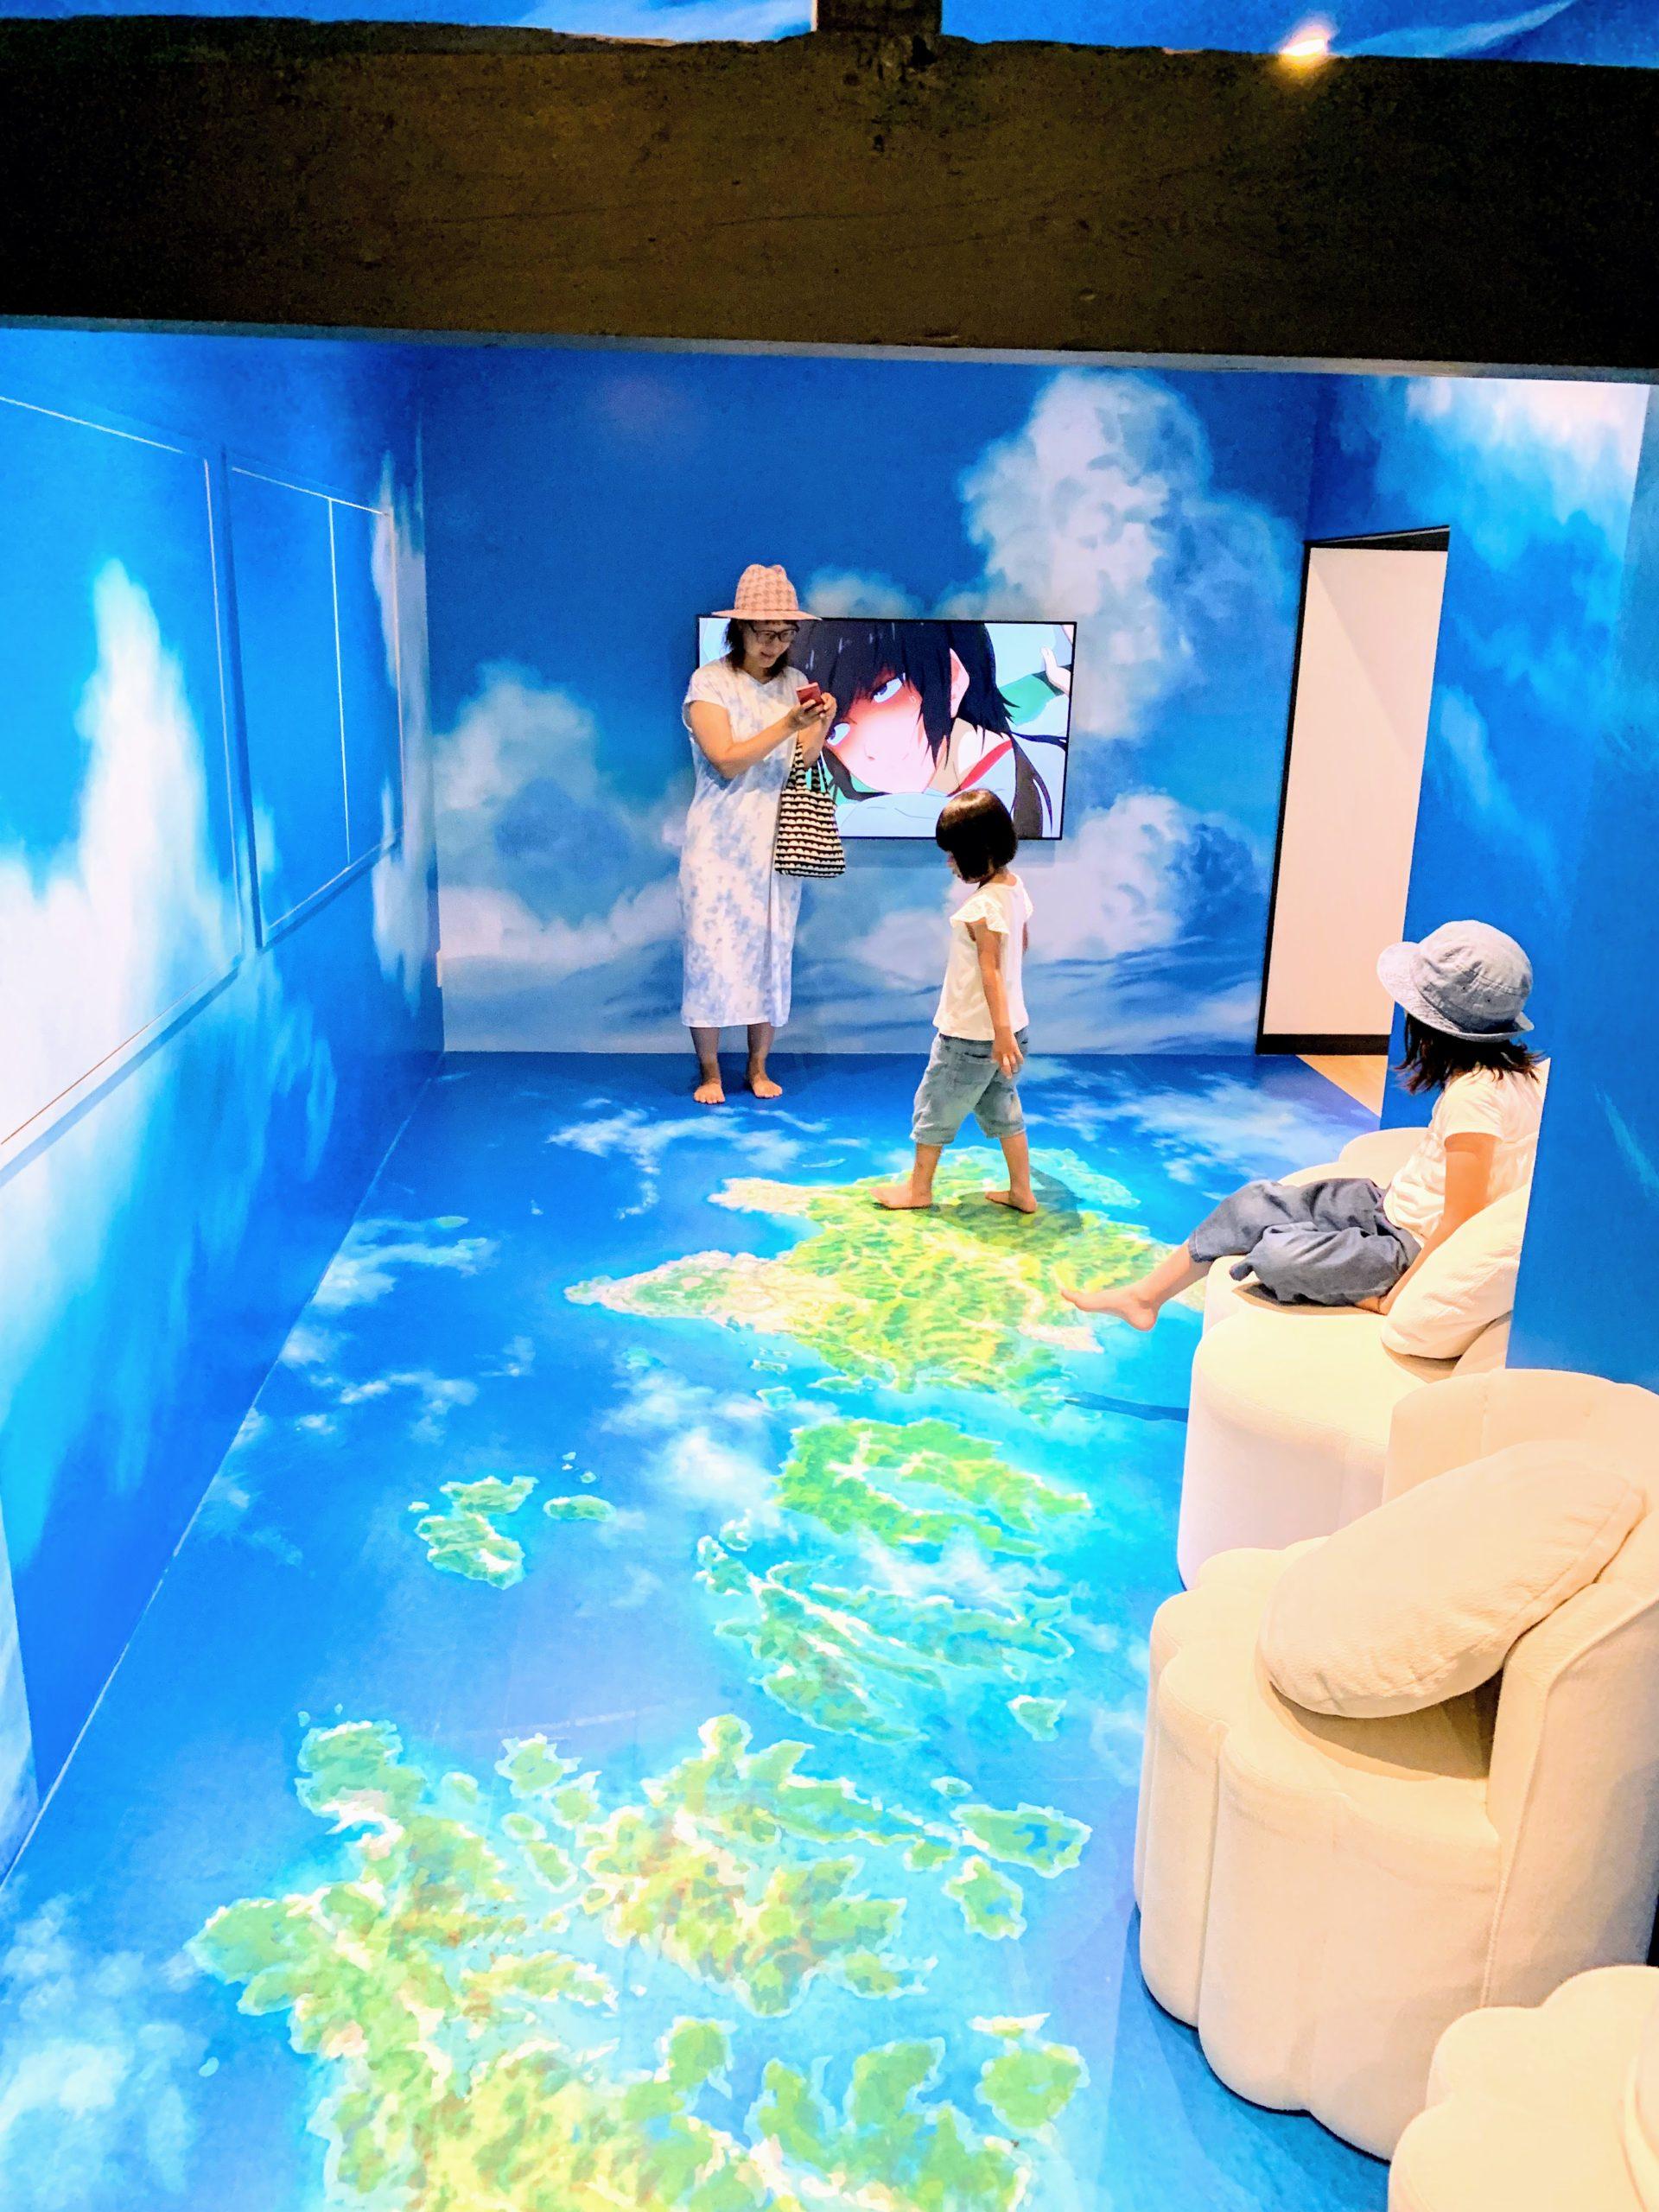 【子連れ五島福江島】の冒険⑨感動!!ラピュタの雲を描く人!山本二三(やまもとにぞう)美術館